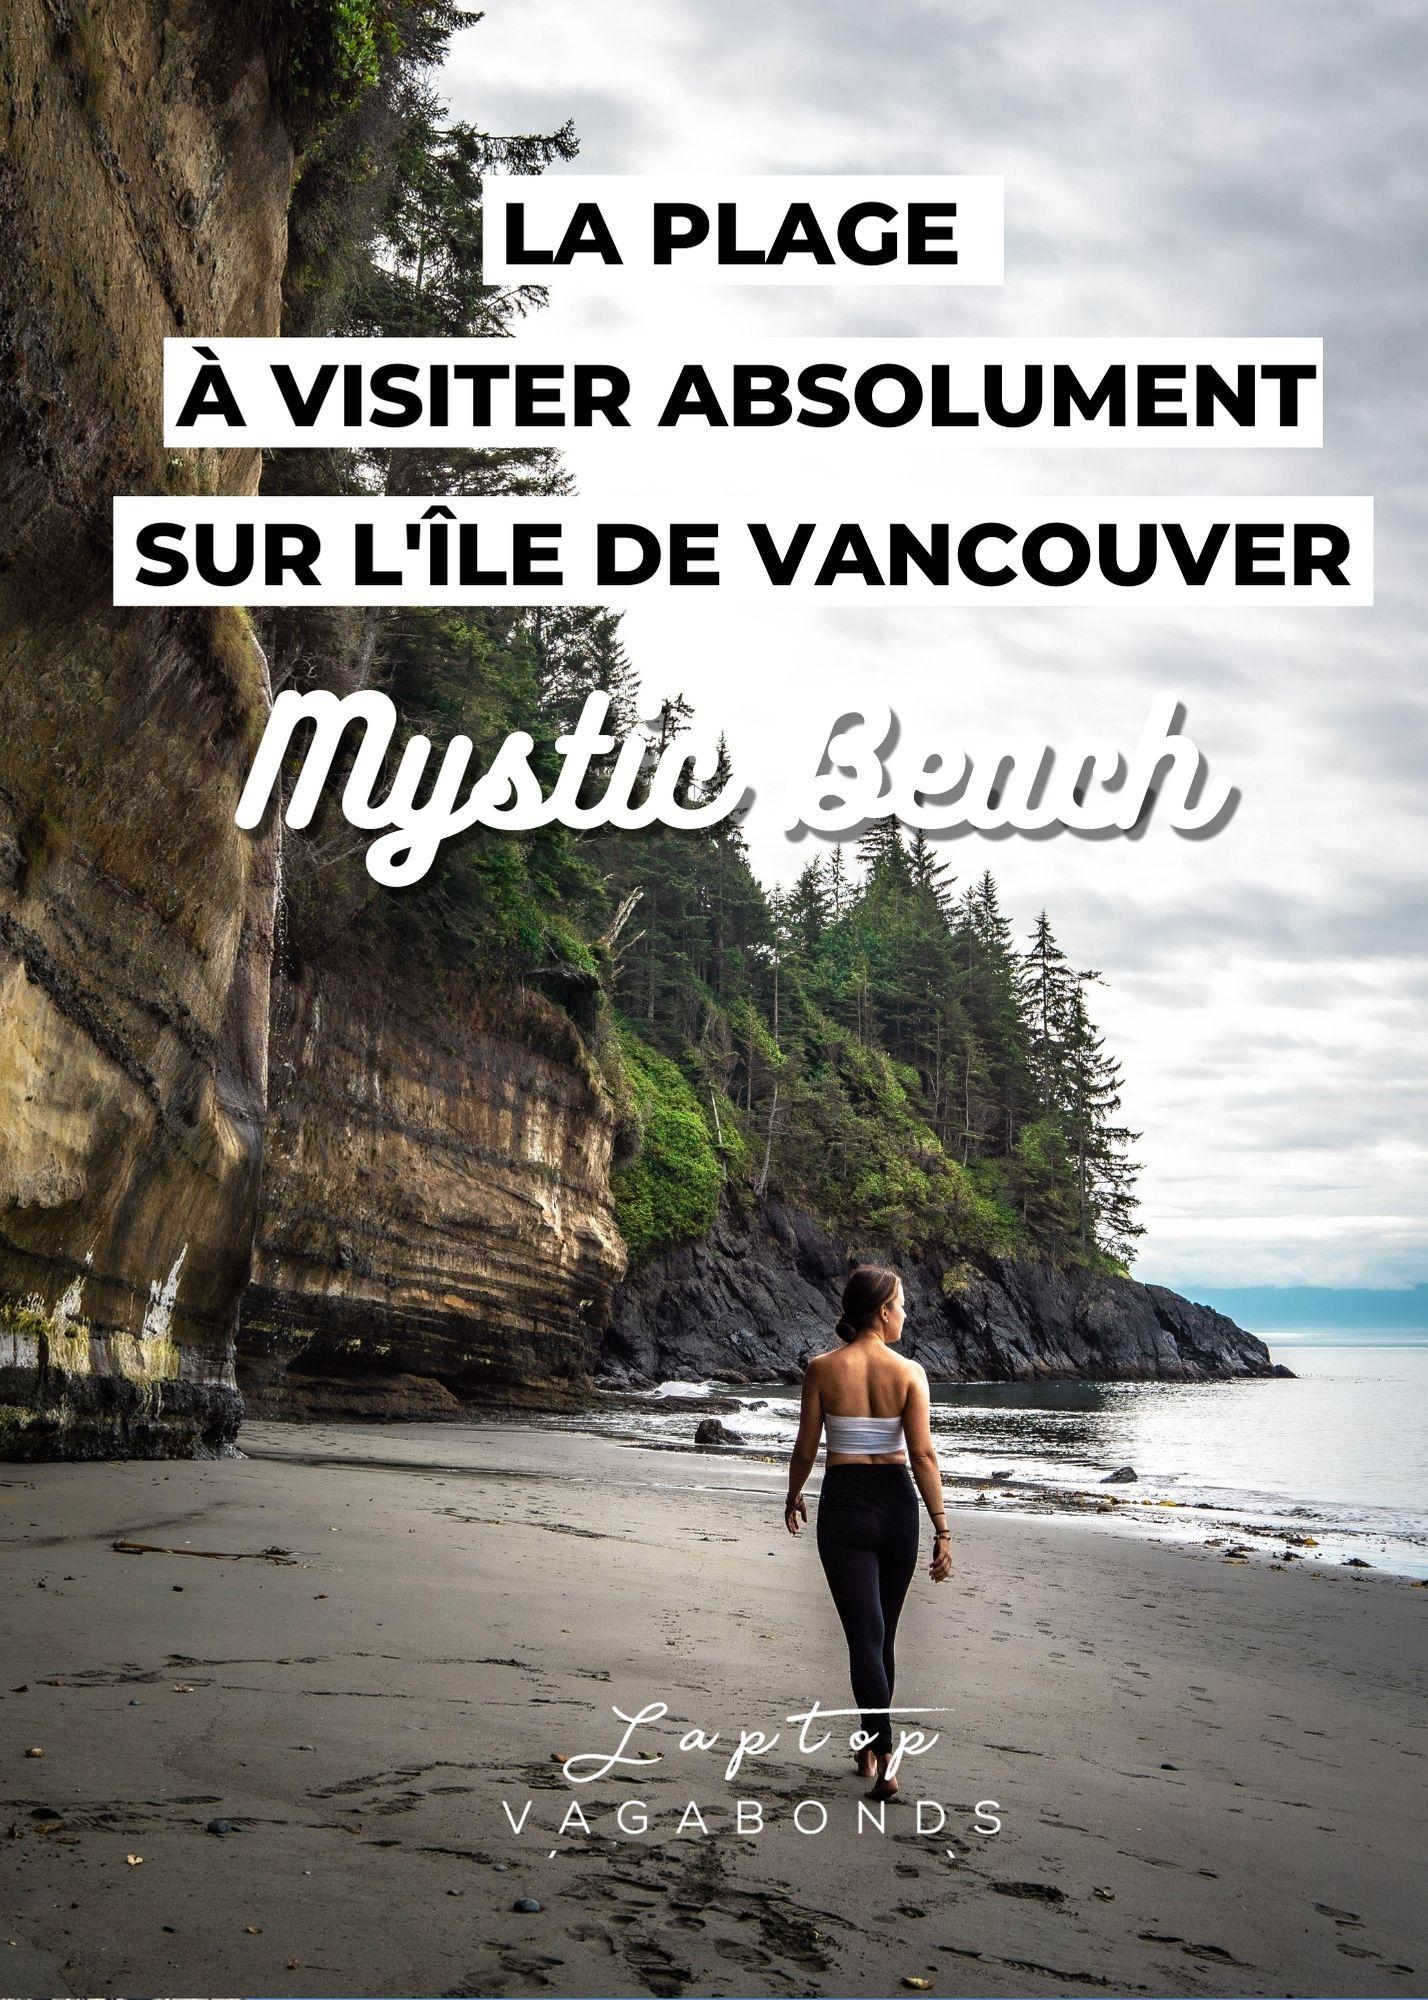 mystic-beach-plage-lile-de-vancouver-BC